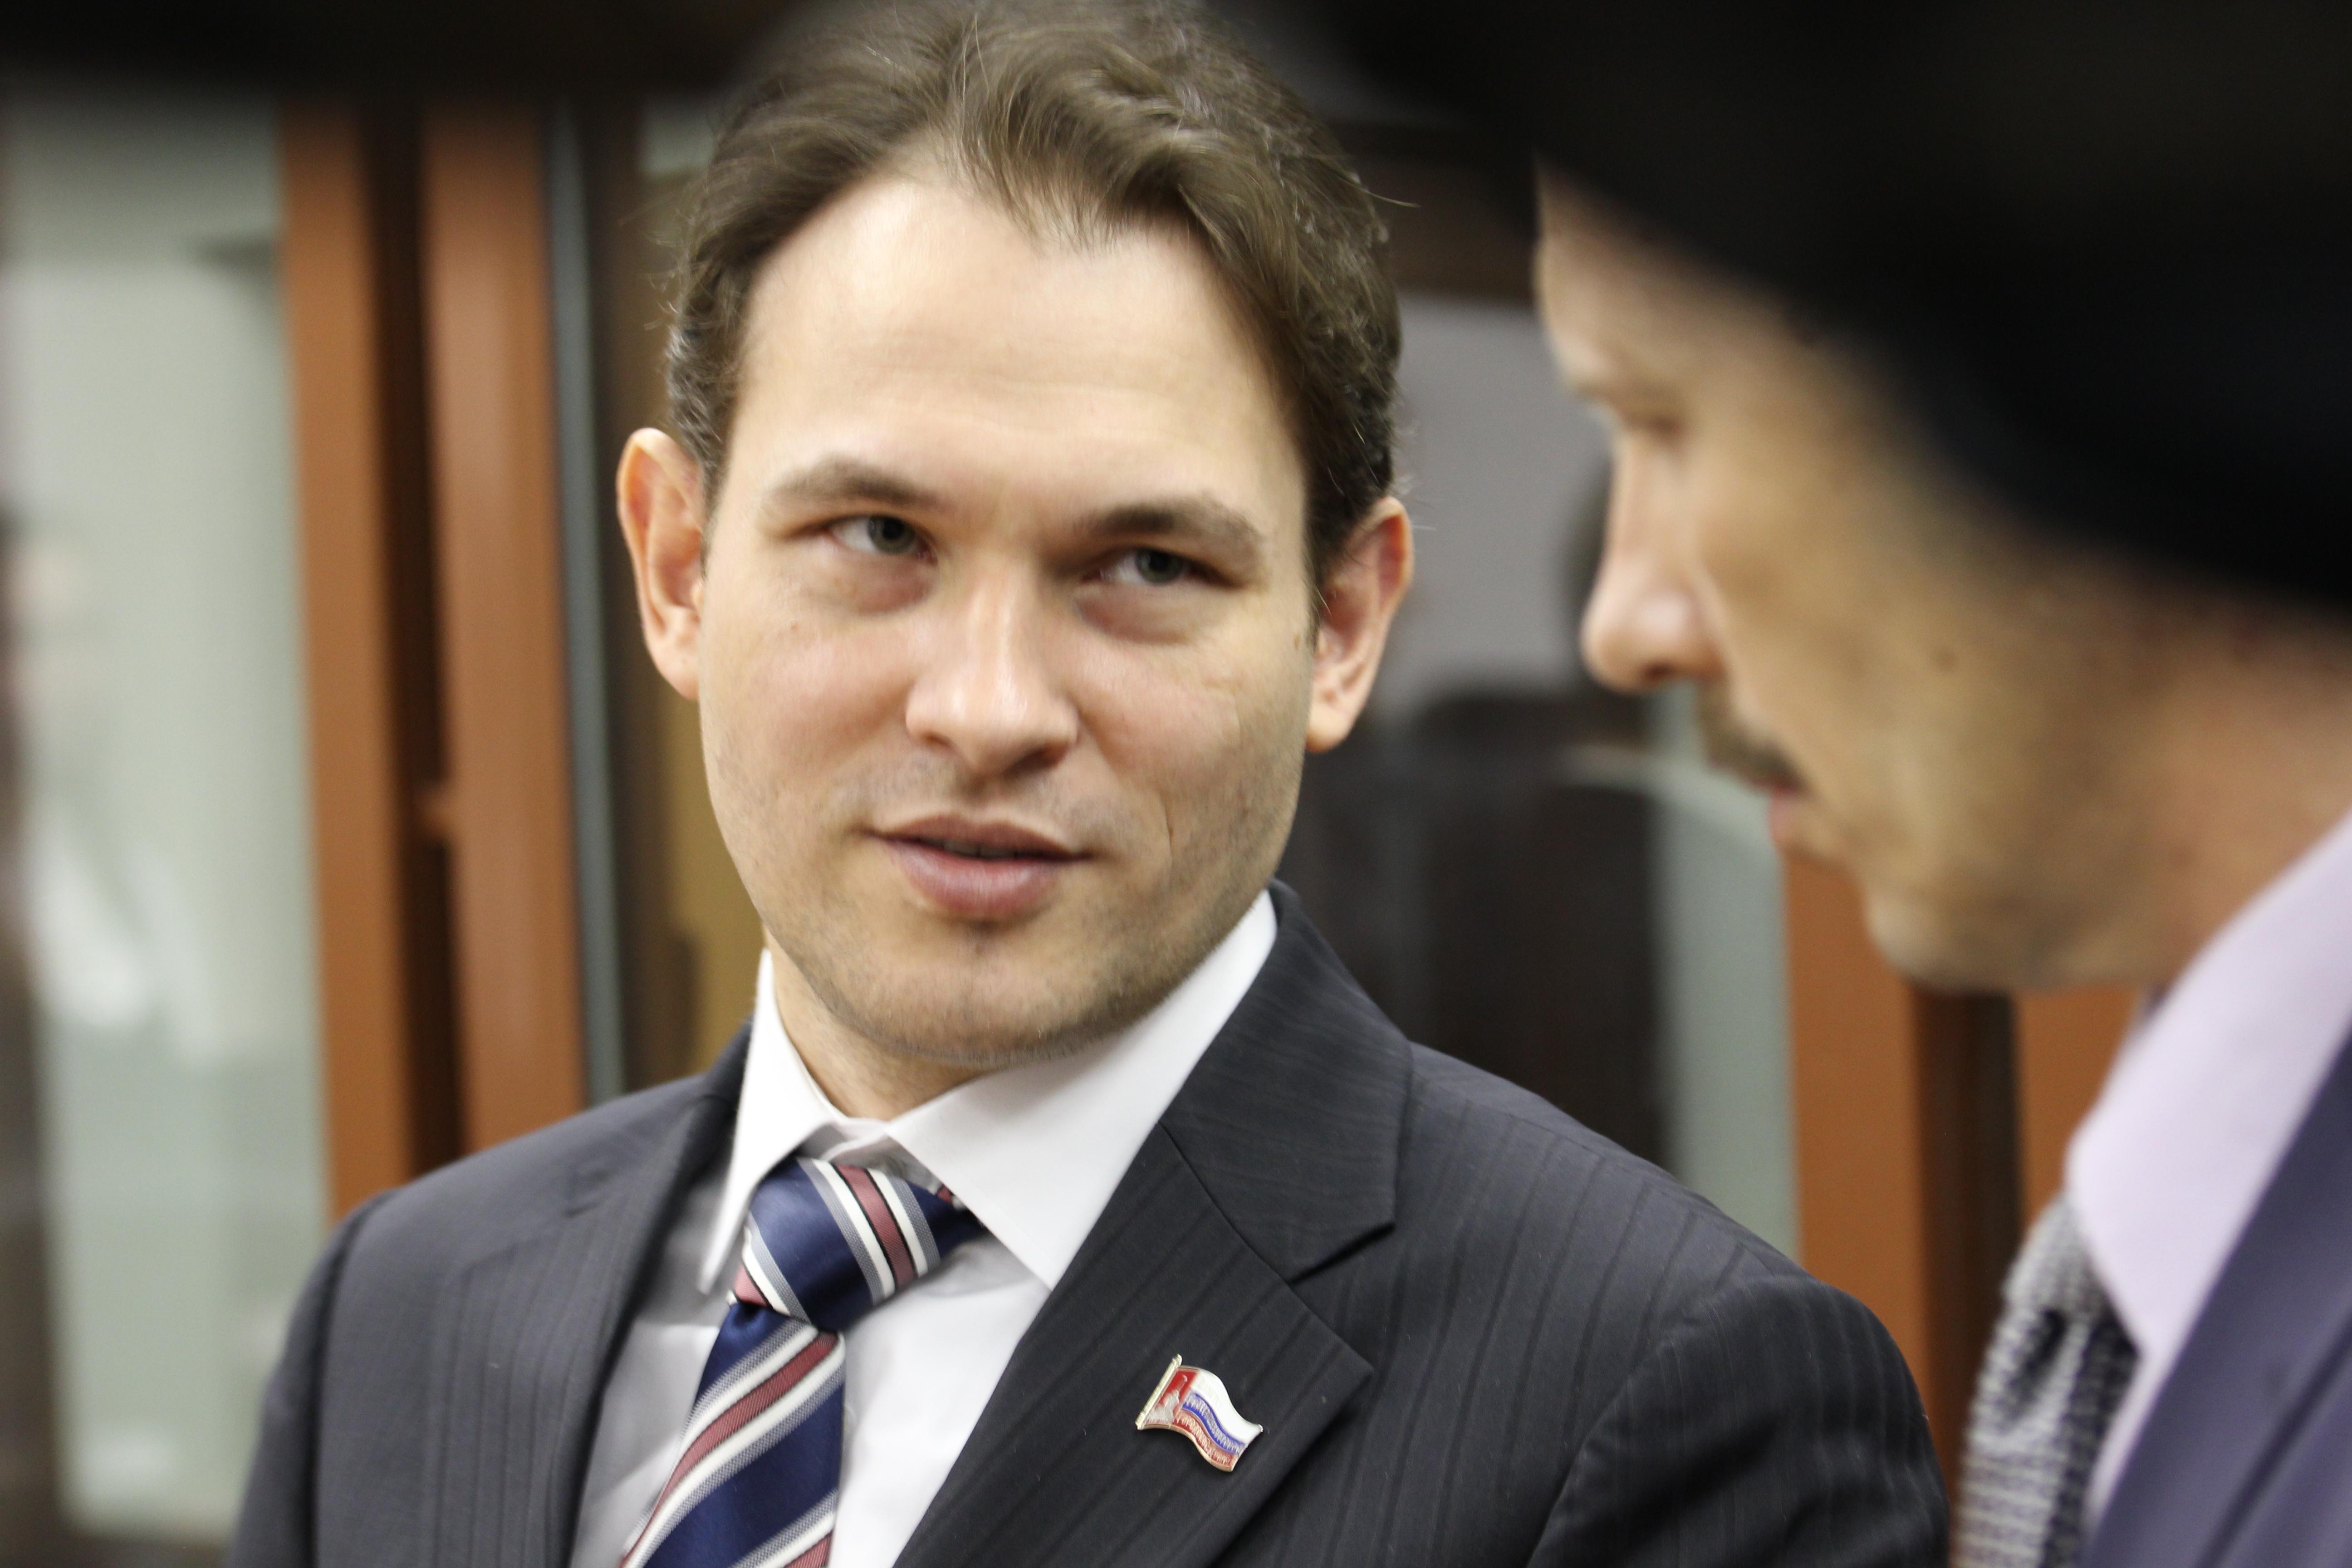 Максим Петлин выплатил государству 100 тысяч рублей